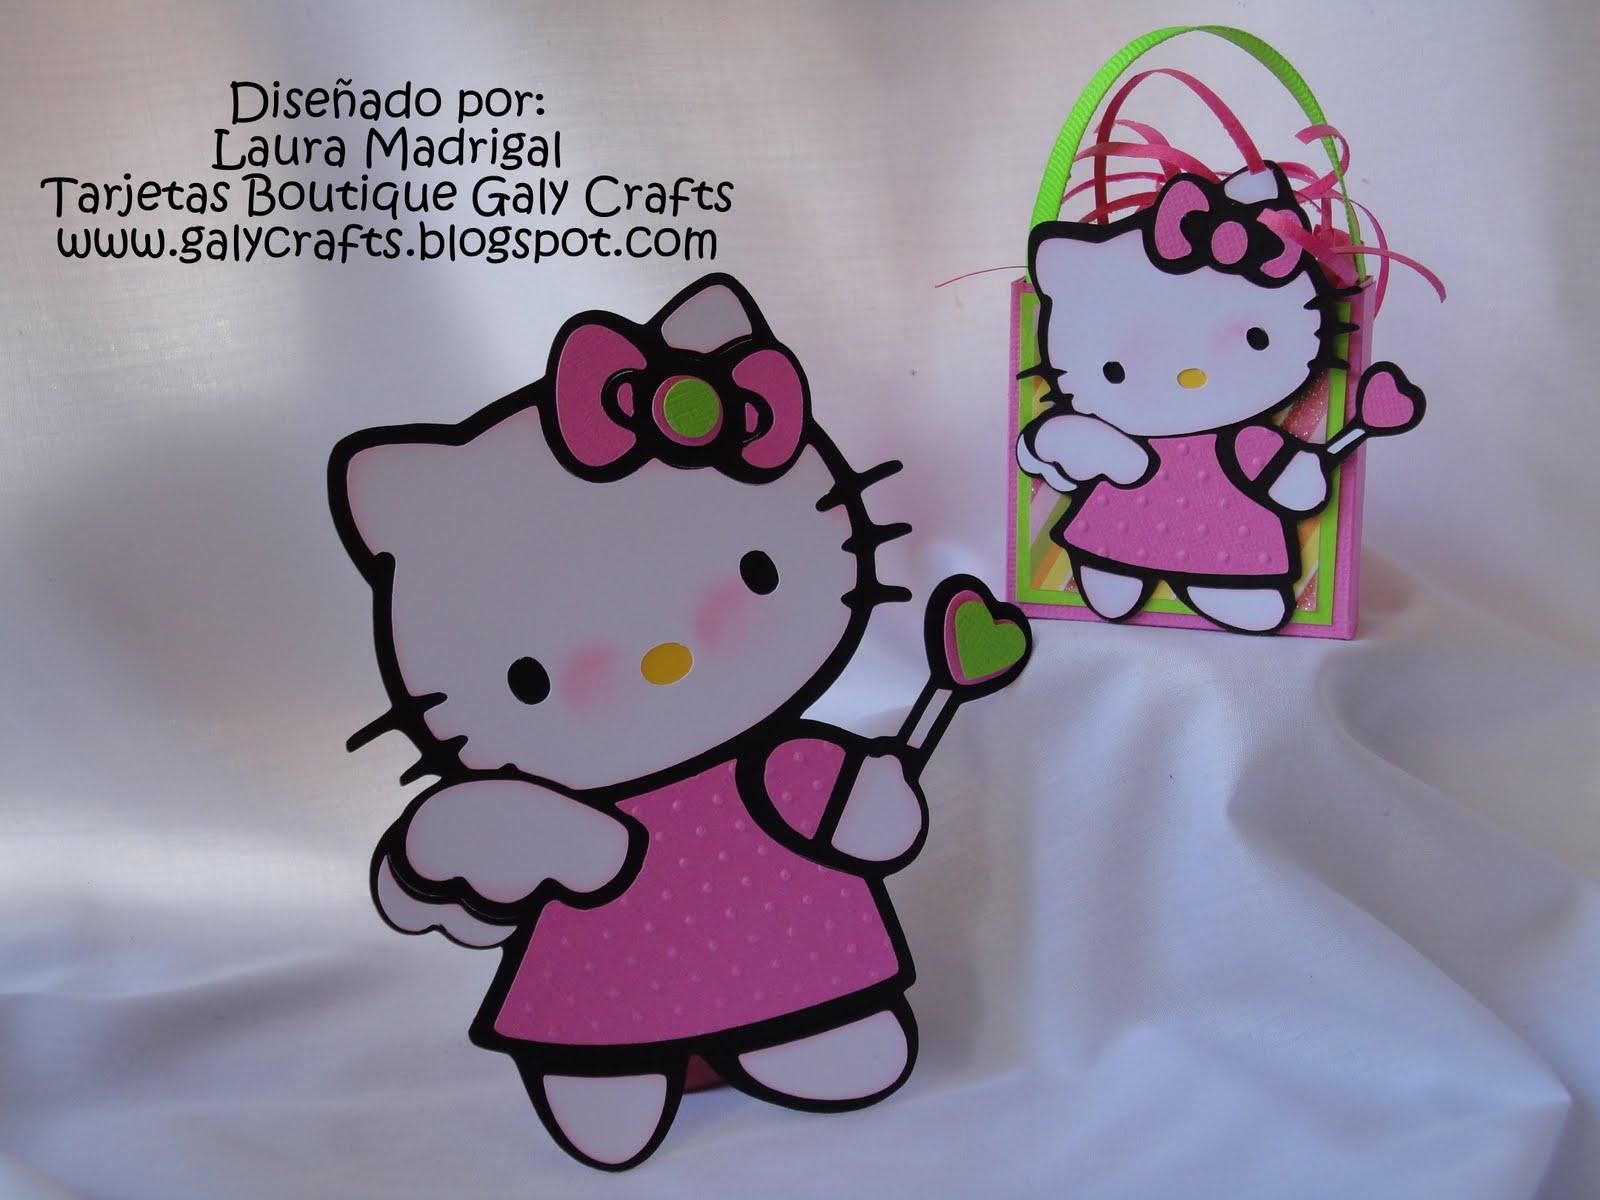 Tarjetas Boutique Galy Crafts Invitación Hello Kitty Y